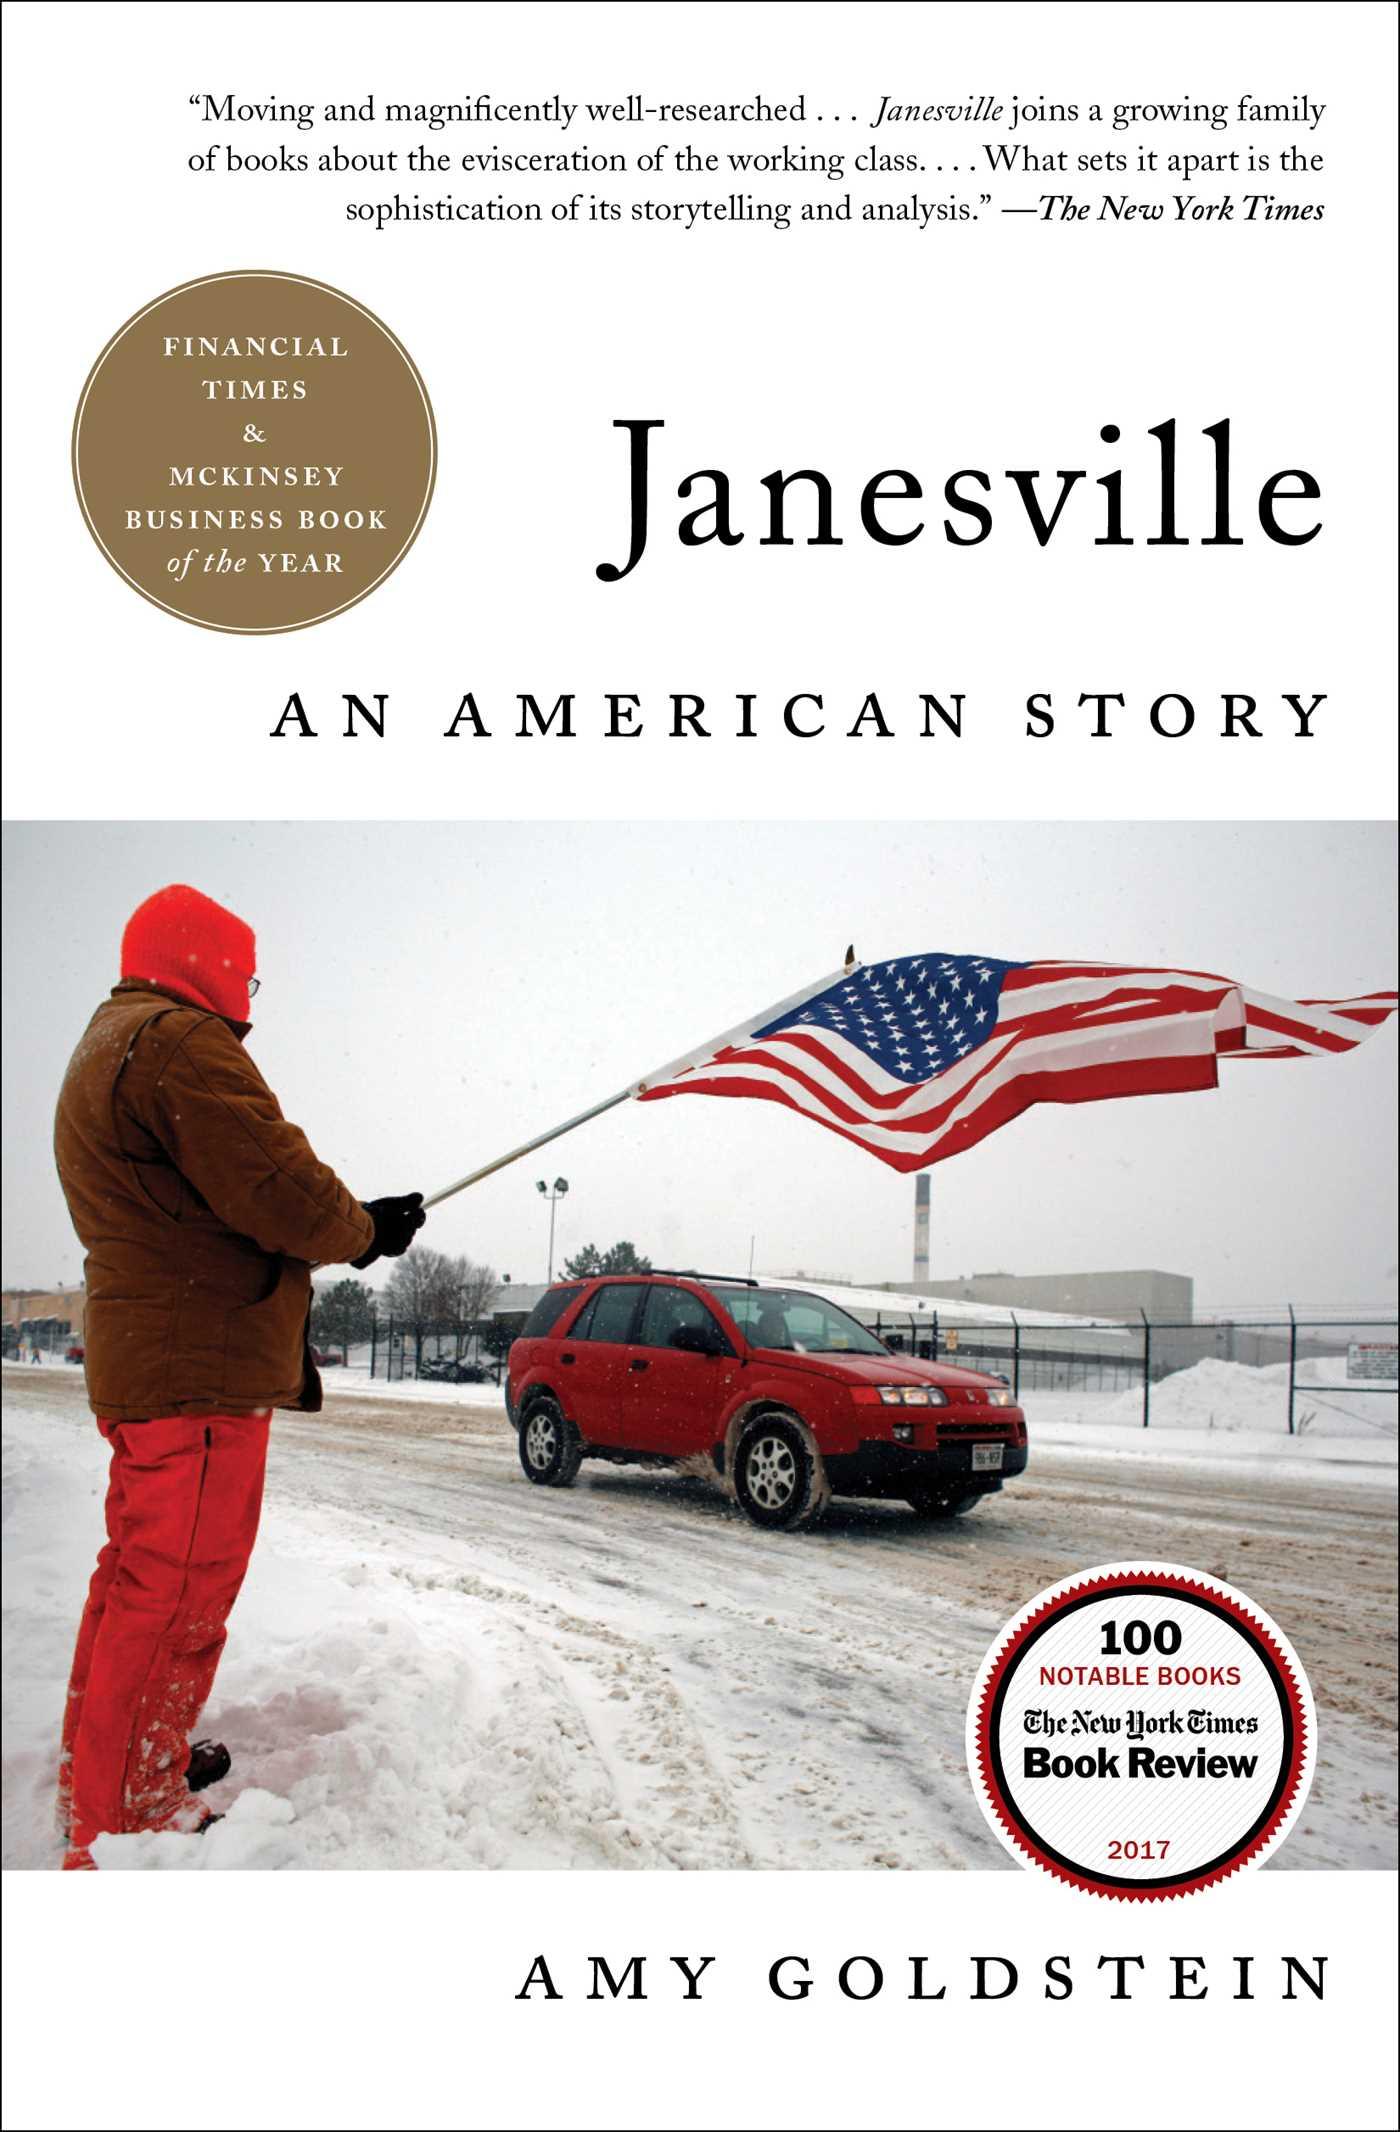 janesville-9781501102264_hr.jpg